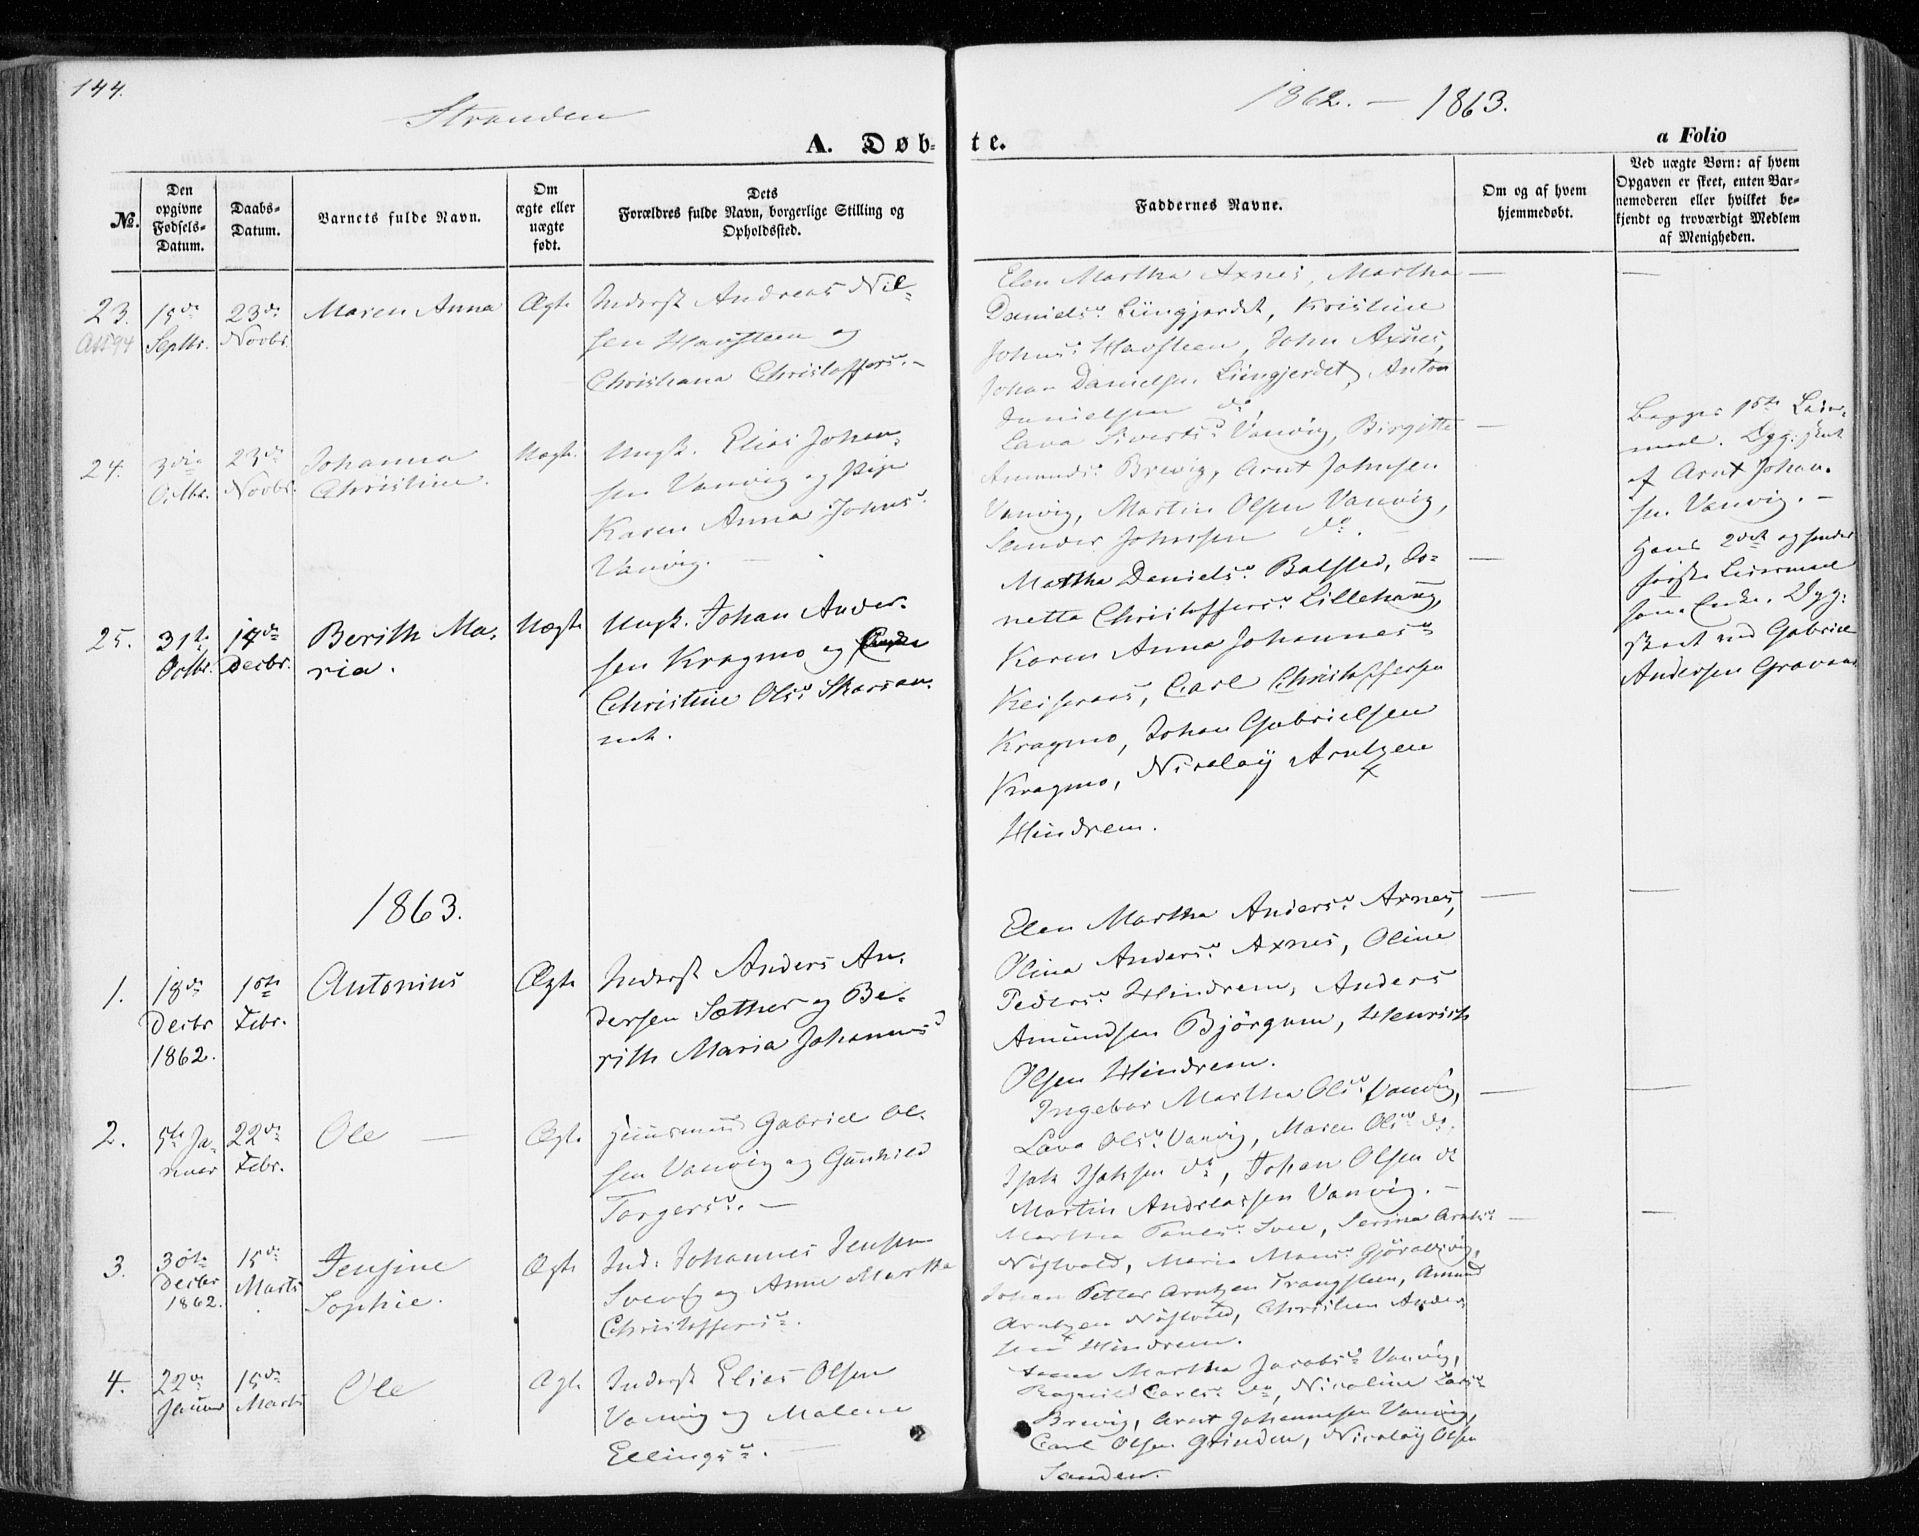 SAT, Ministerialprotokoller, klokkerbøker og fødselsregistre - Nord-Trøndelag, 701/L0008: Ministerialbok nr. 701A08 /2, 1854-1863, s. 144